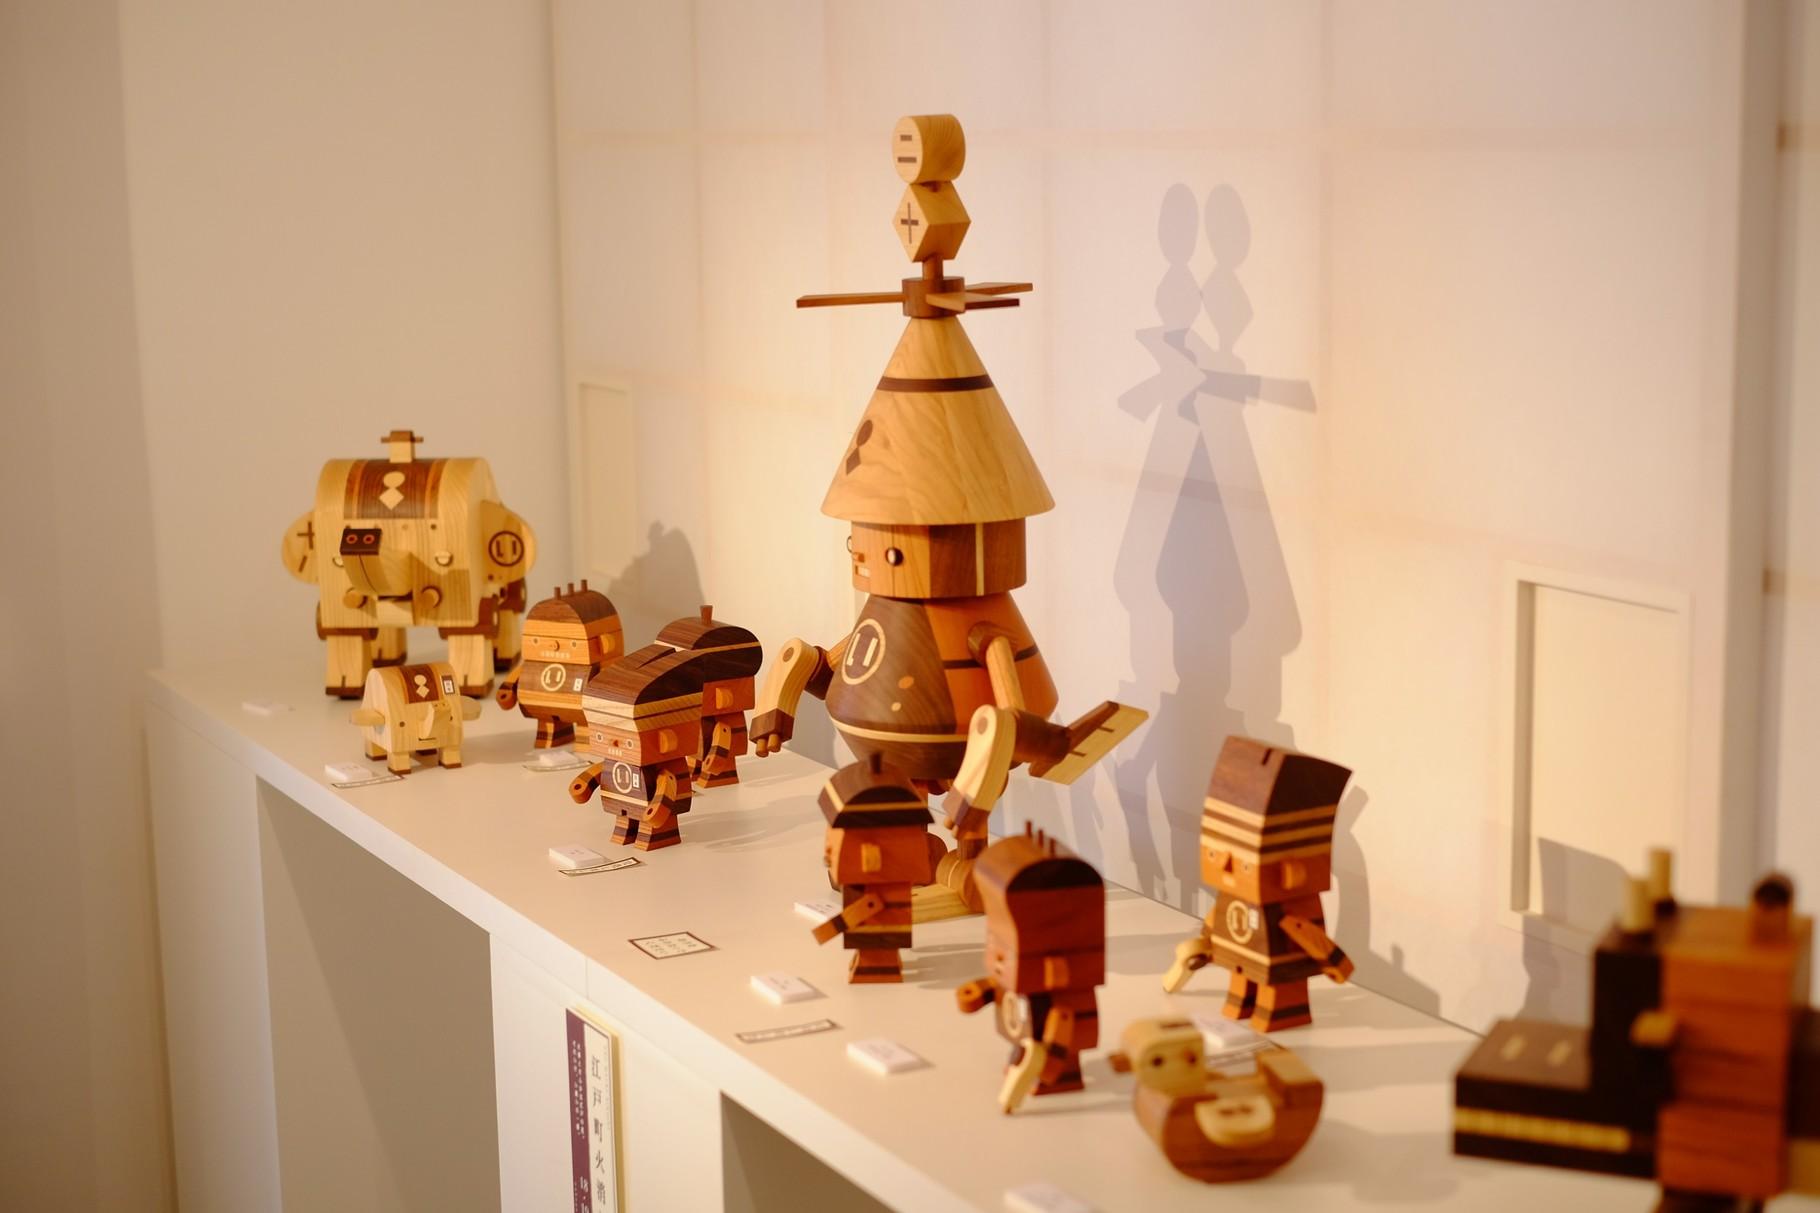 美術館で2017年に展覧会が予定されています。お楽しみに!